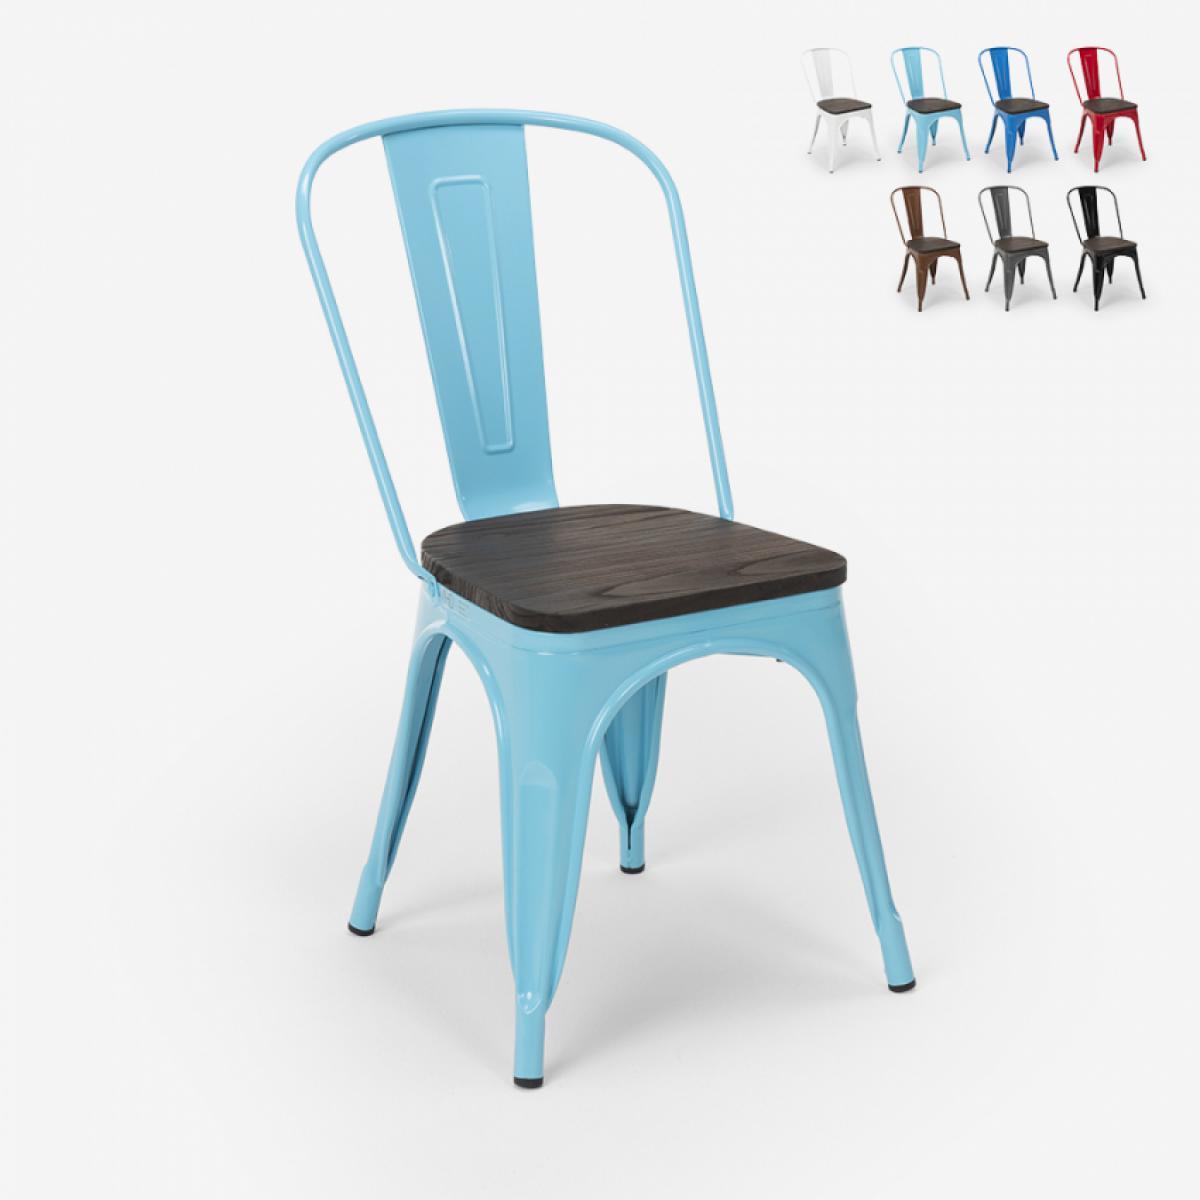 Ahd Amazing Home Design Chaises industrielles en bois et acier Tolix pour cuisine et bar Steel Wood, Couleur: Turquoise